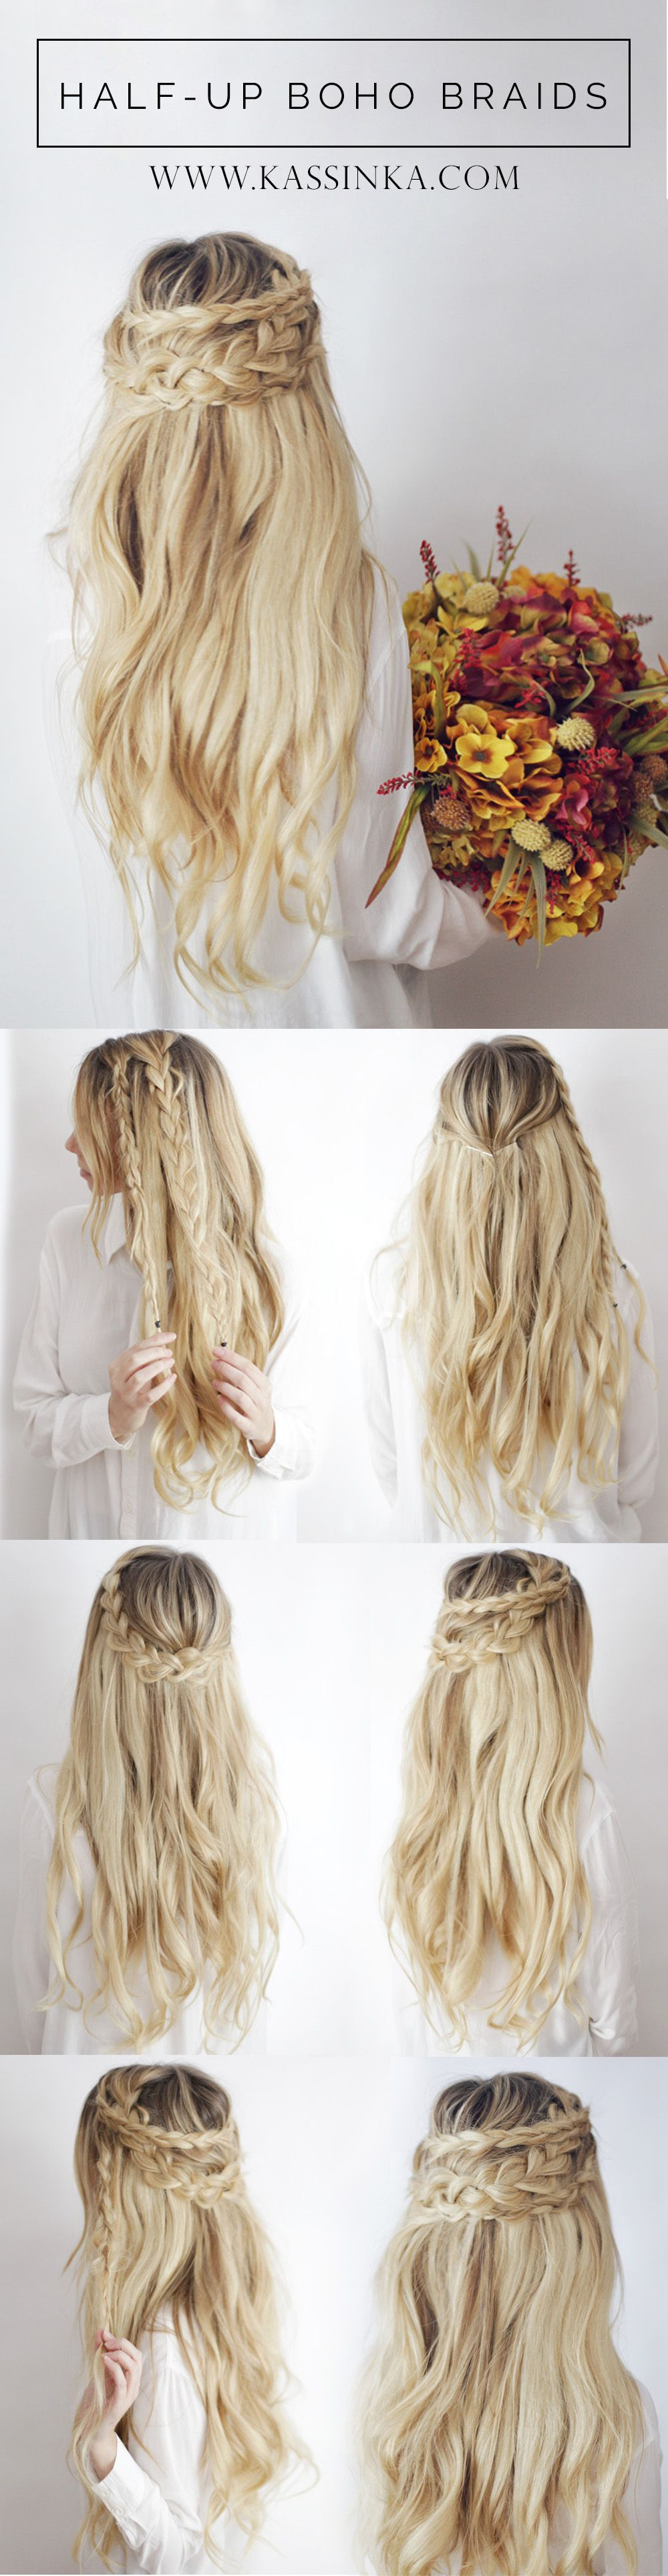 half-up boho braids bridal hair | hair | pinterest | bridal hair